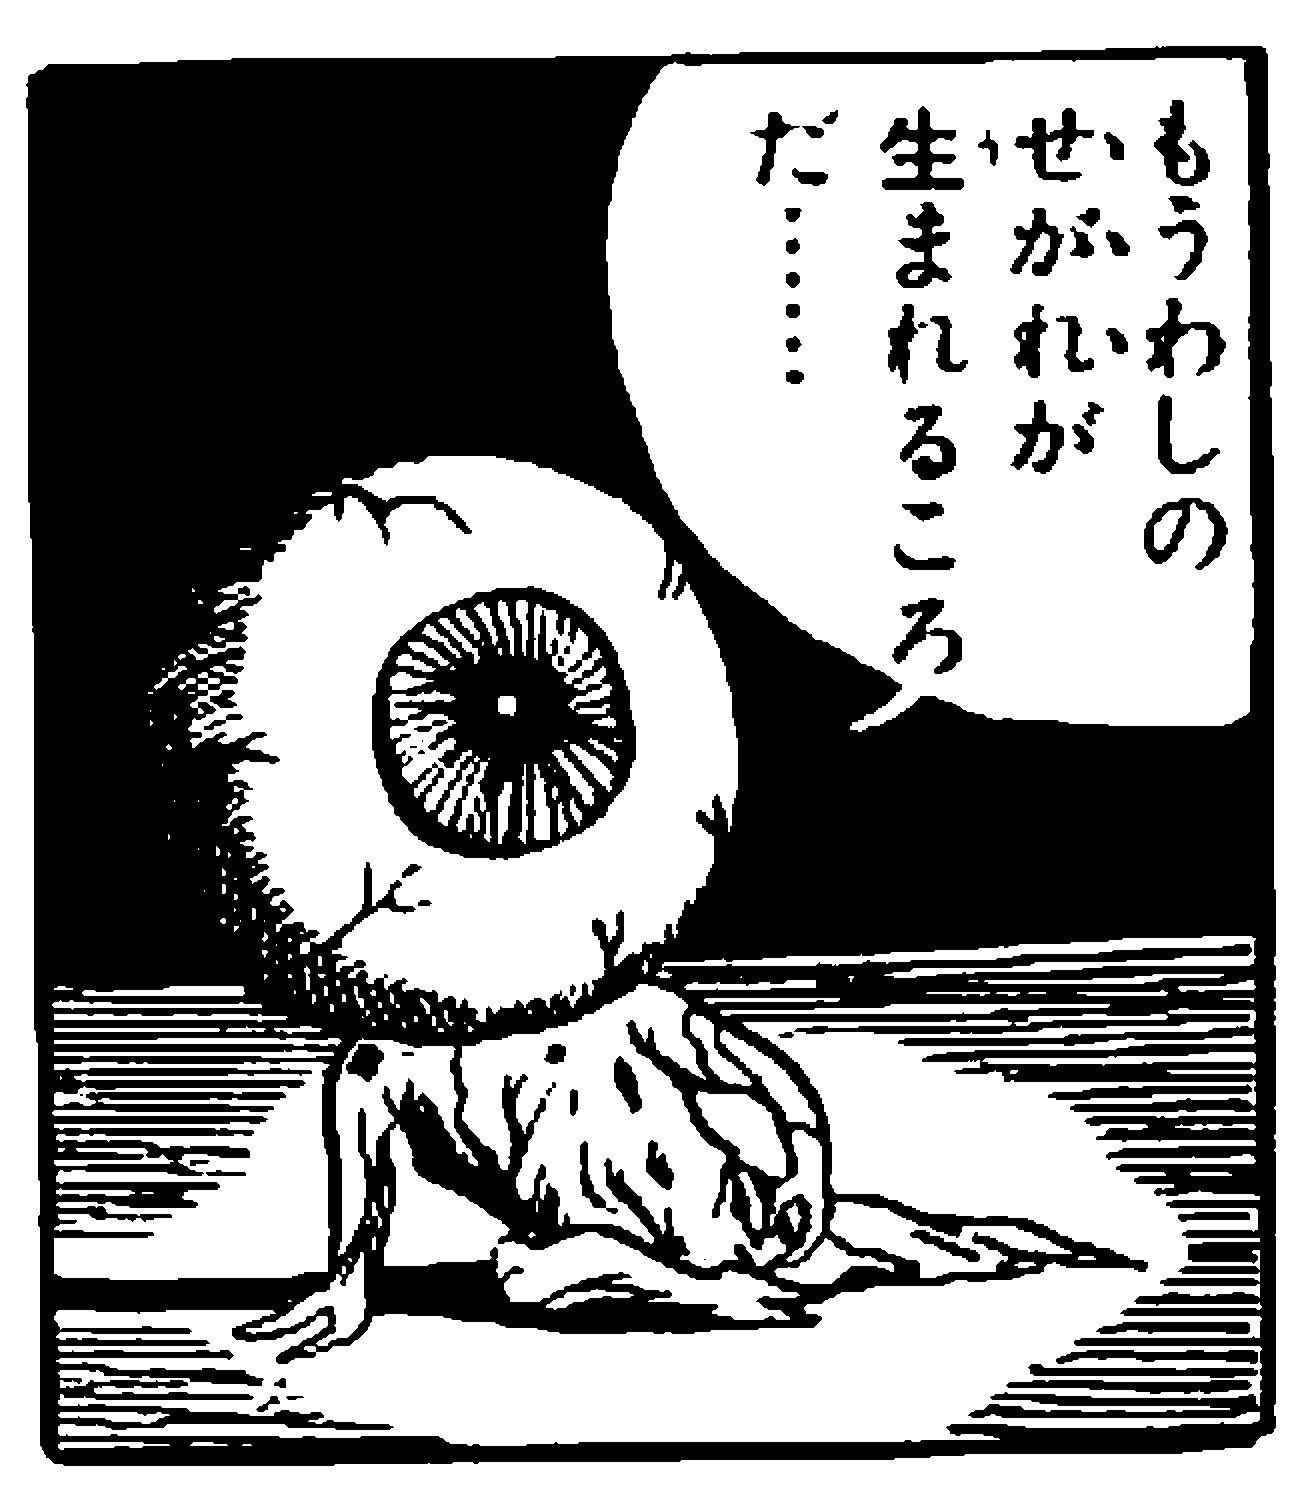 鬼太郎のパパ 鬼太郎エピソード1